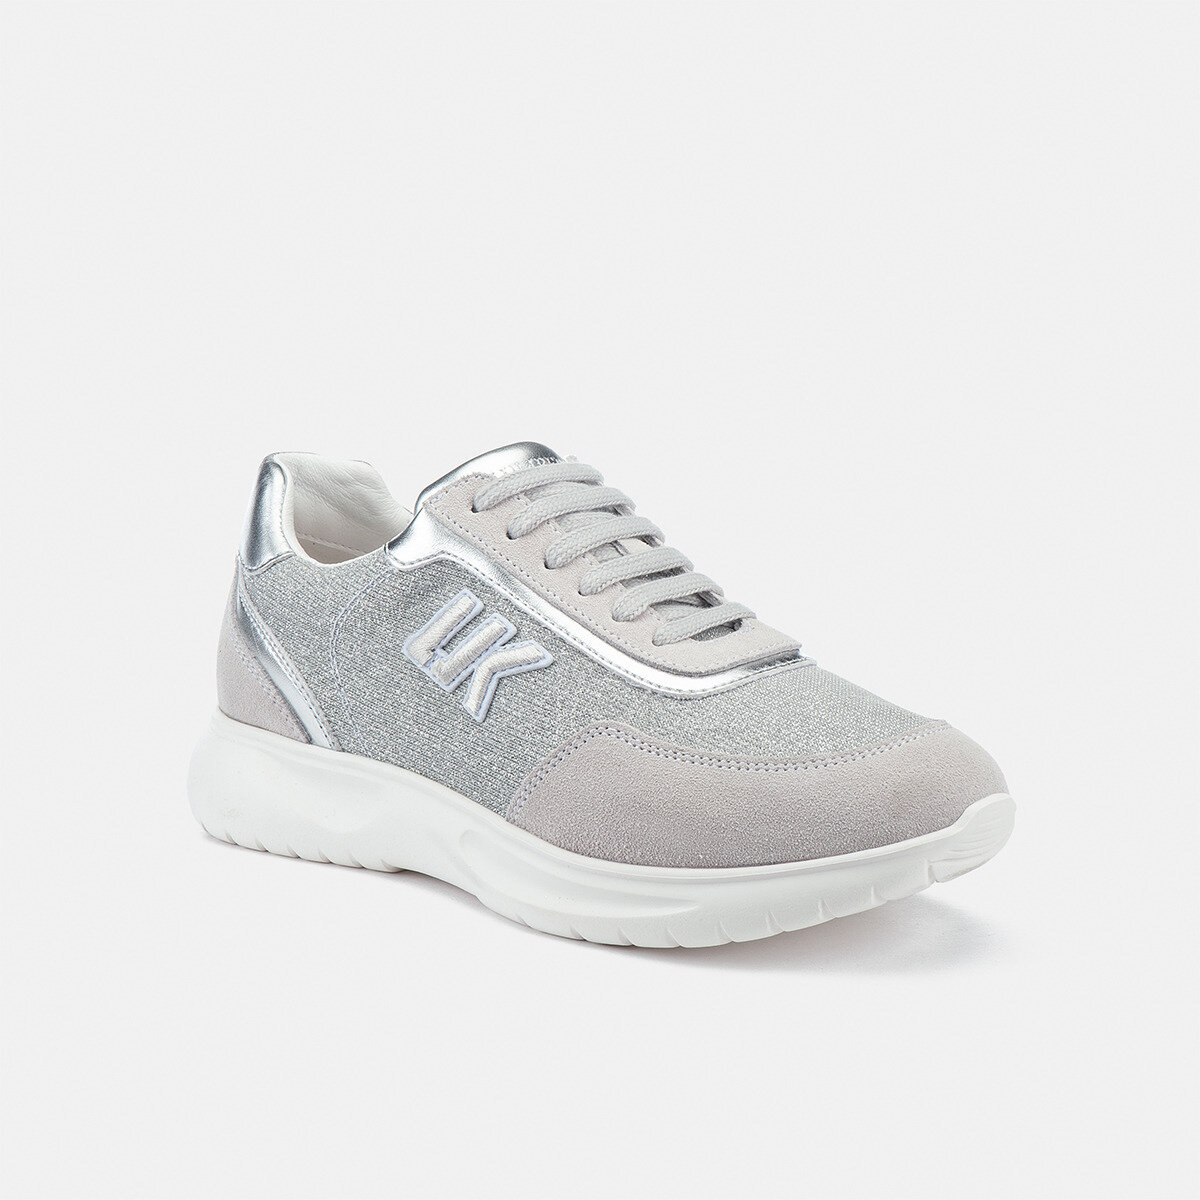 HAIL WHITE/SILVER Woman Sneakers